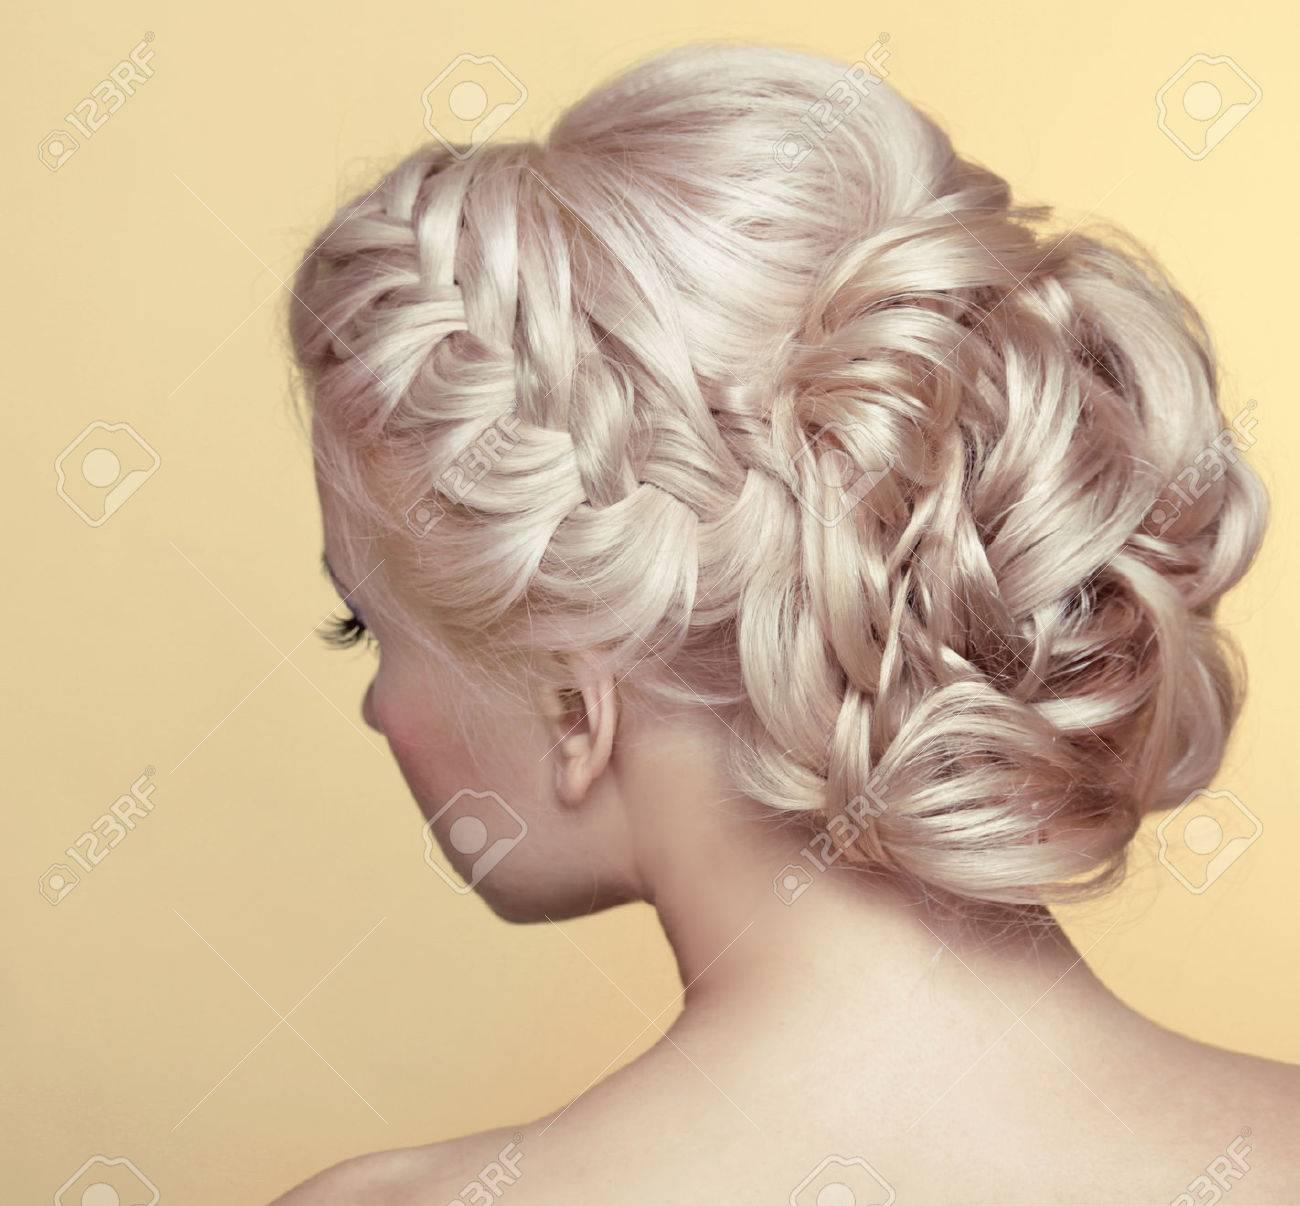 Coiffure De Mariage De Beaute Mariee Fille Blonde Avec Boucles Coiffure